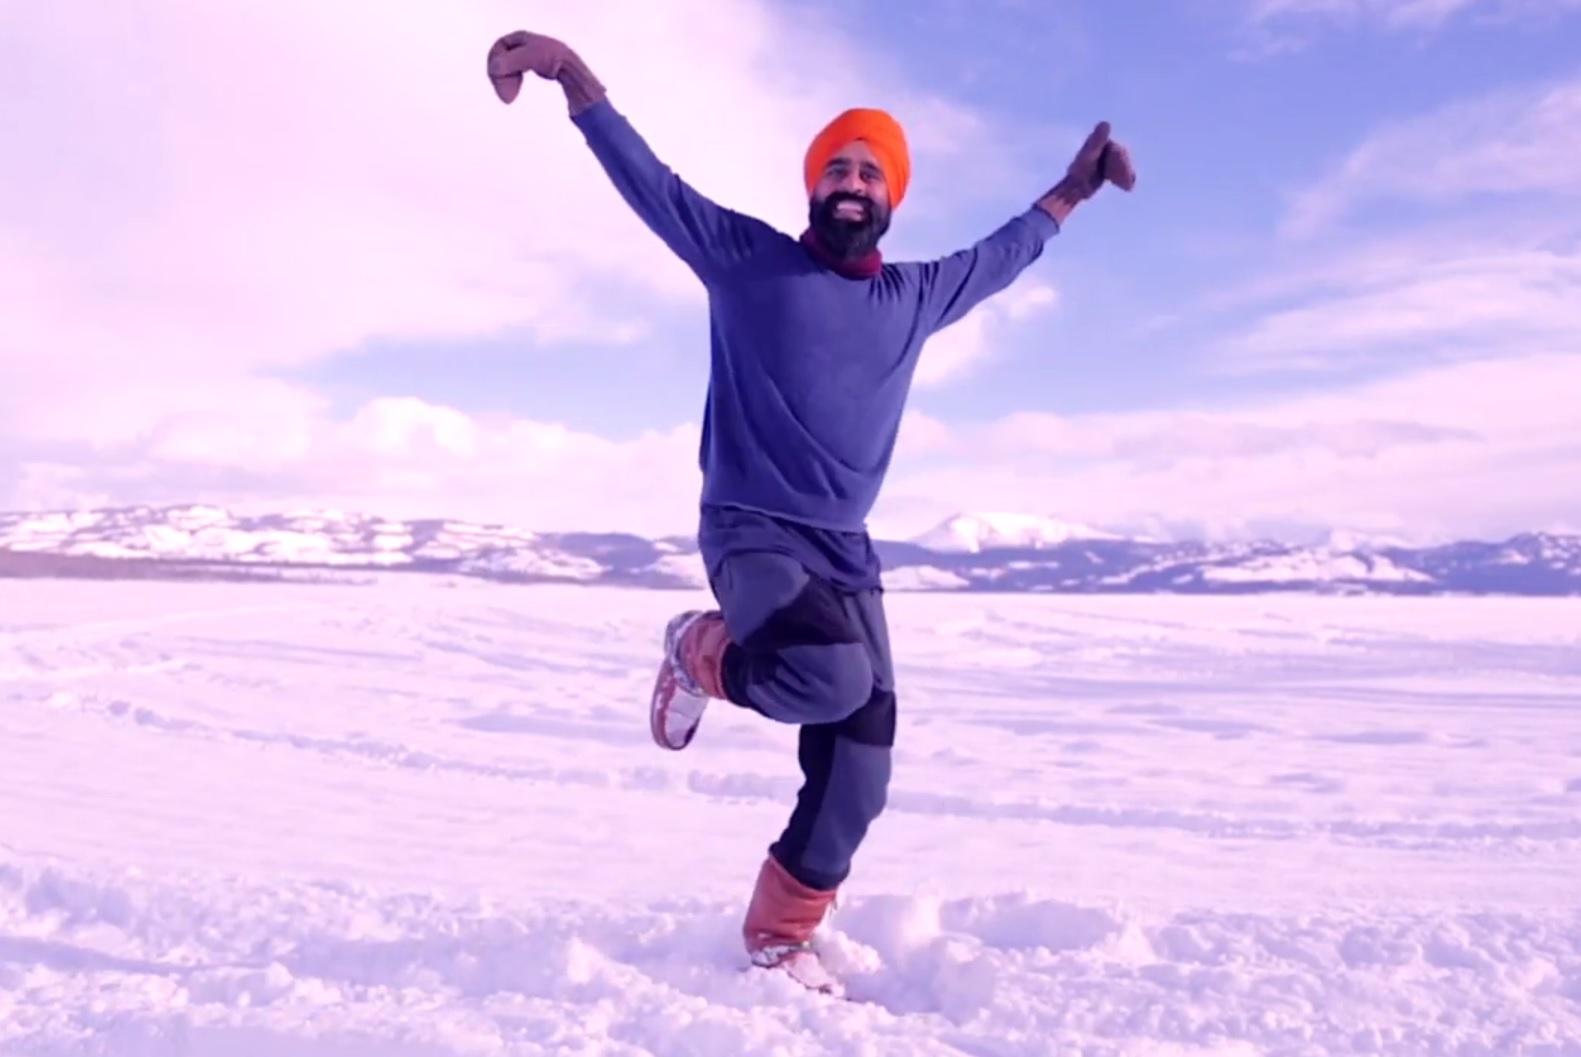 Il va bien! :La joyeuse danse d'un Canadien après avoir été vacciné contre le Covid